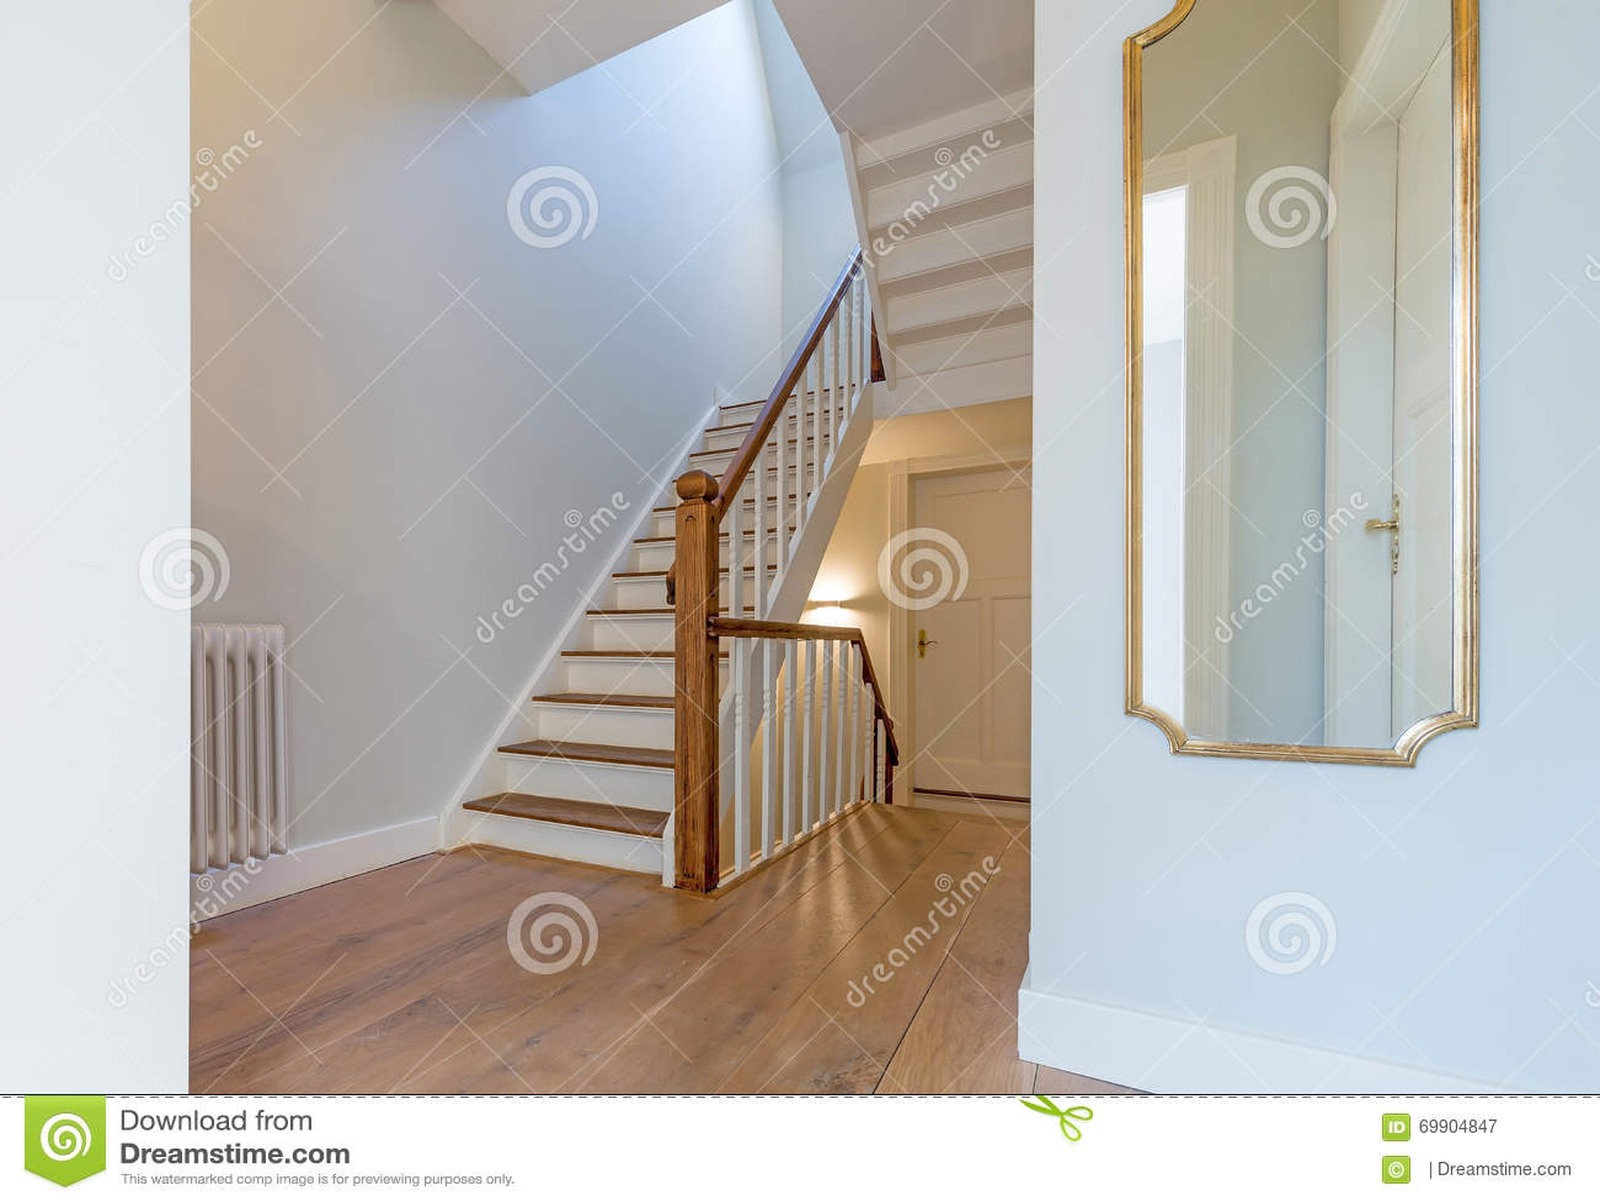 Erneuertes Schones Treppenhaus Mit Spiegel Stockbild Bild Von